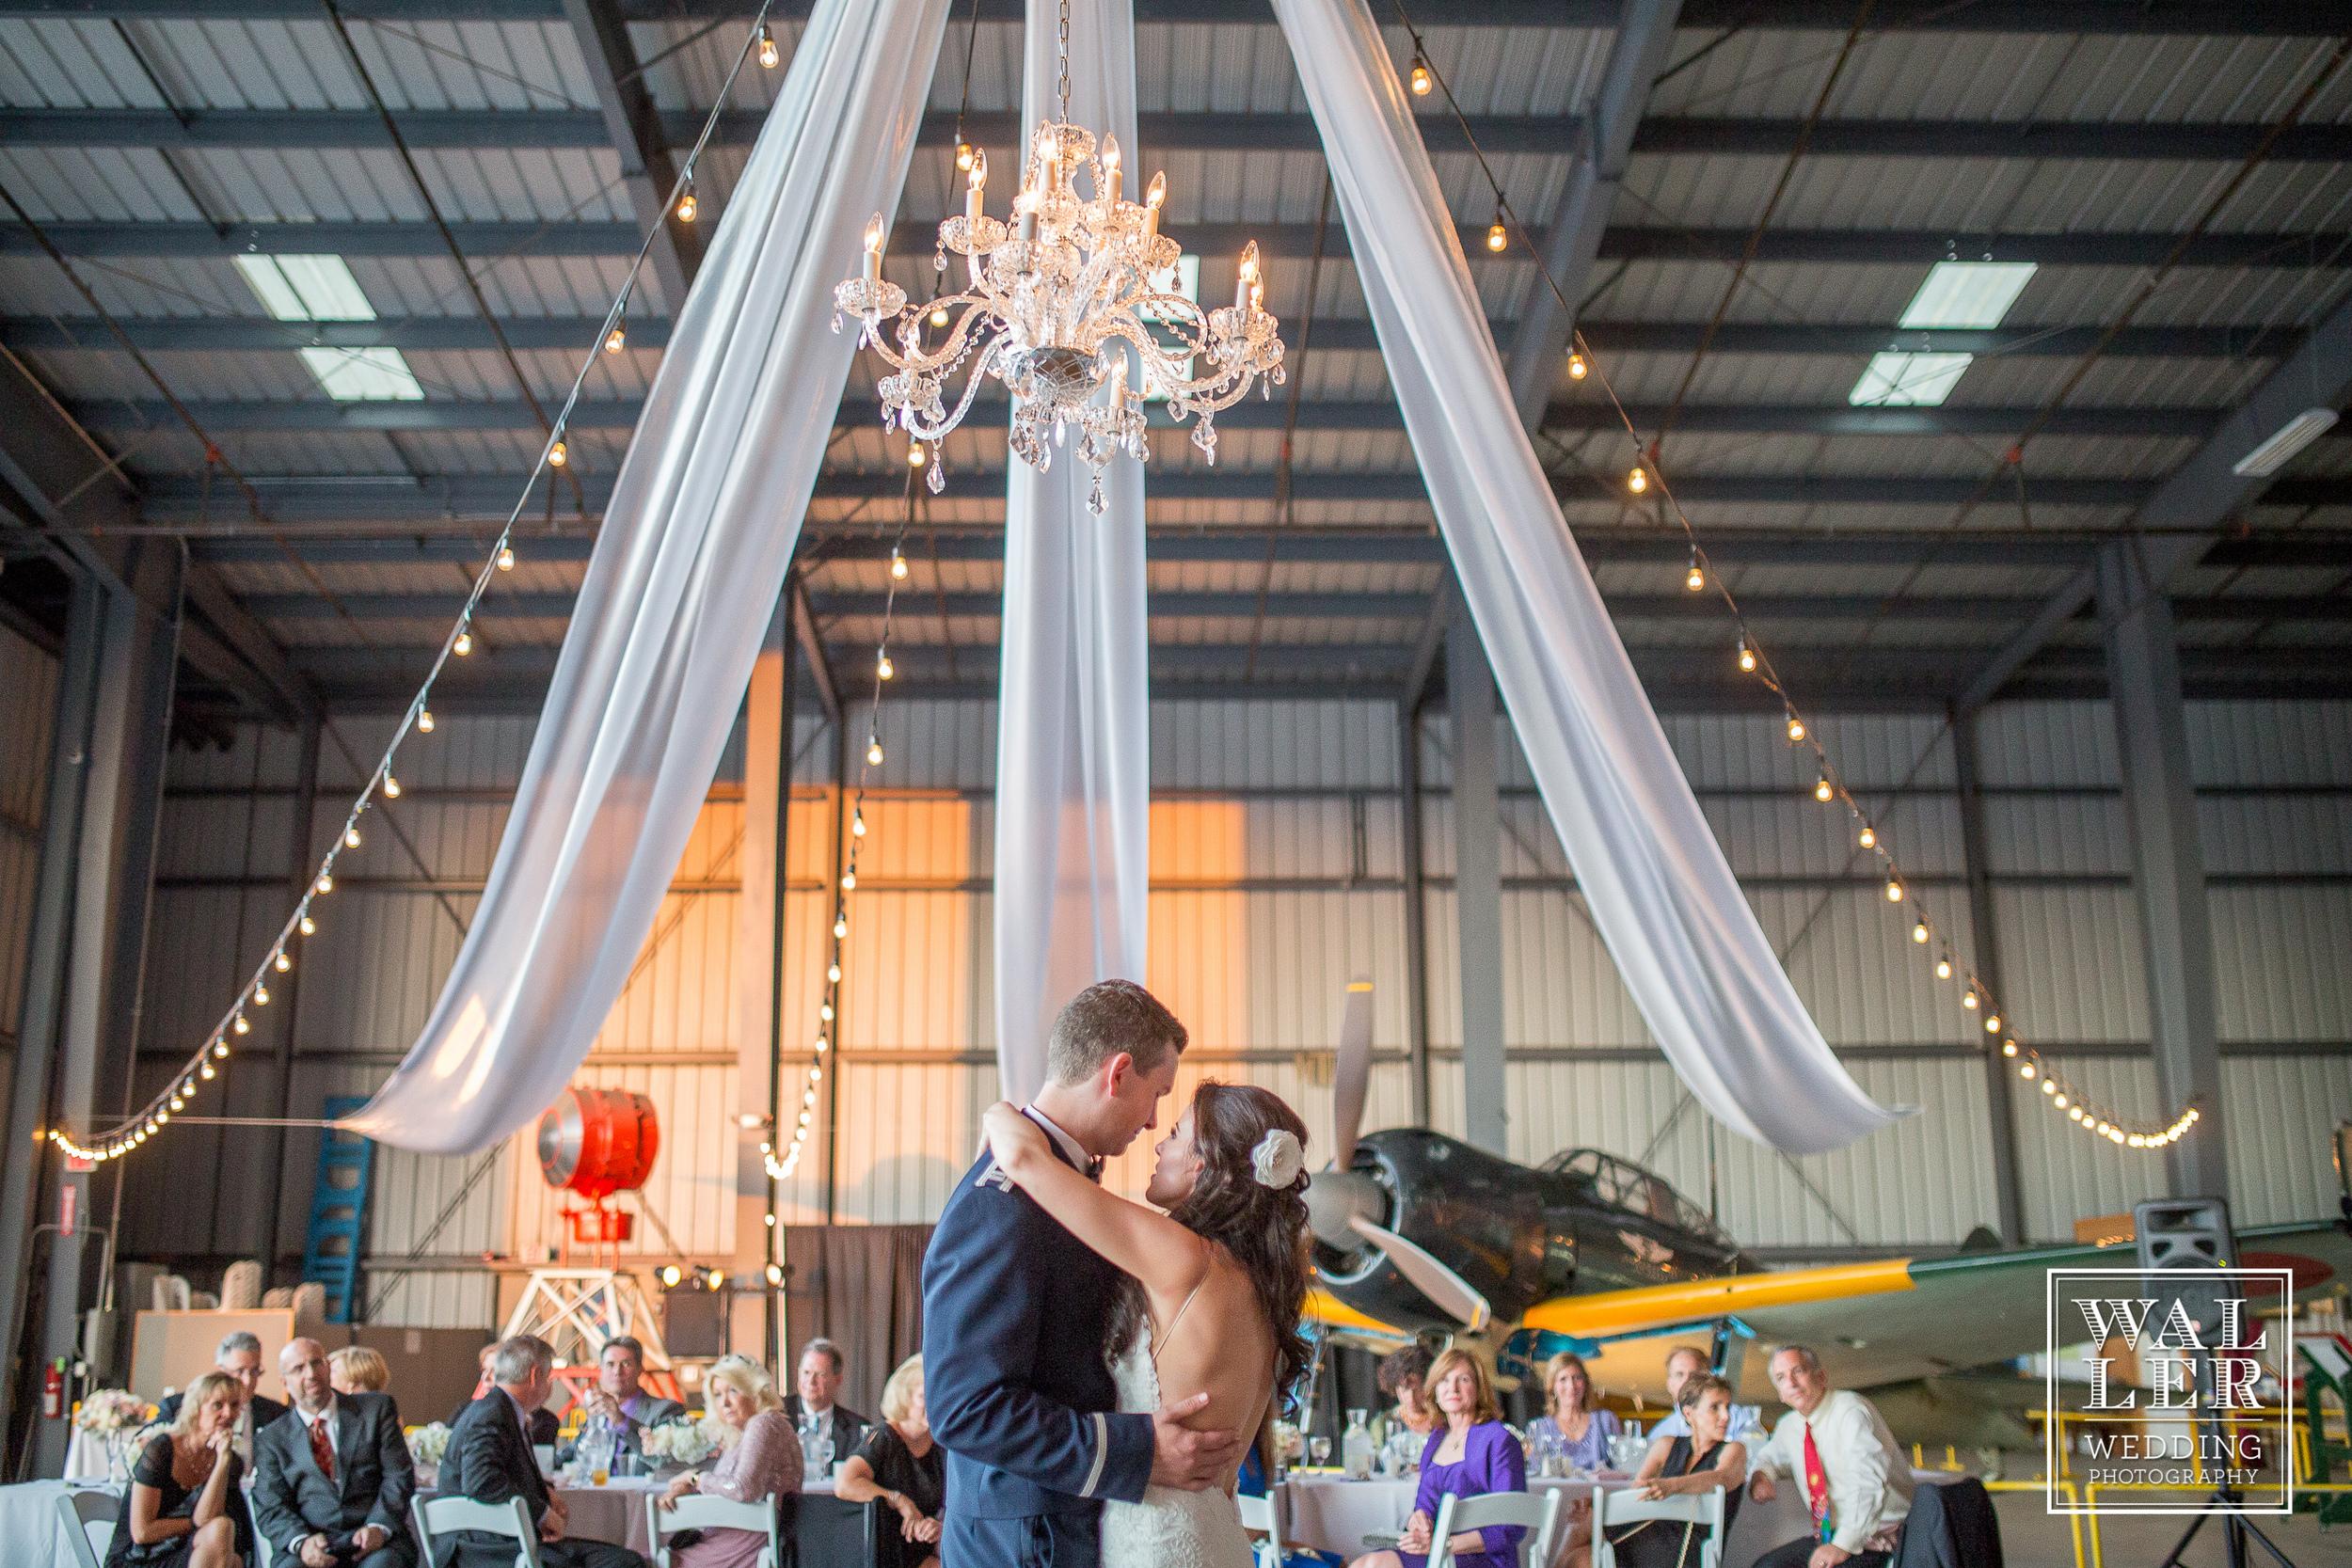 waller weddings-51.jpg